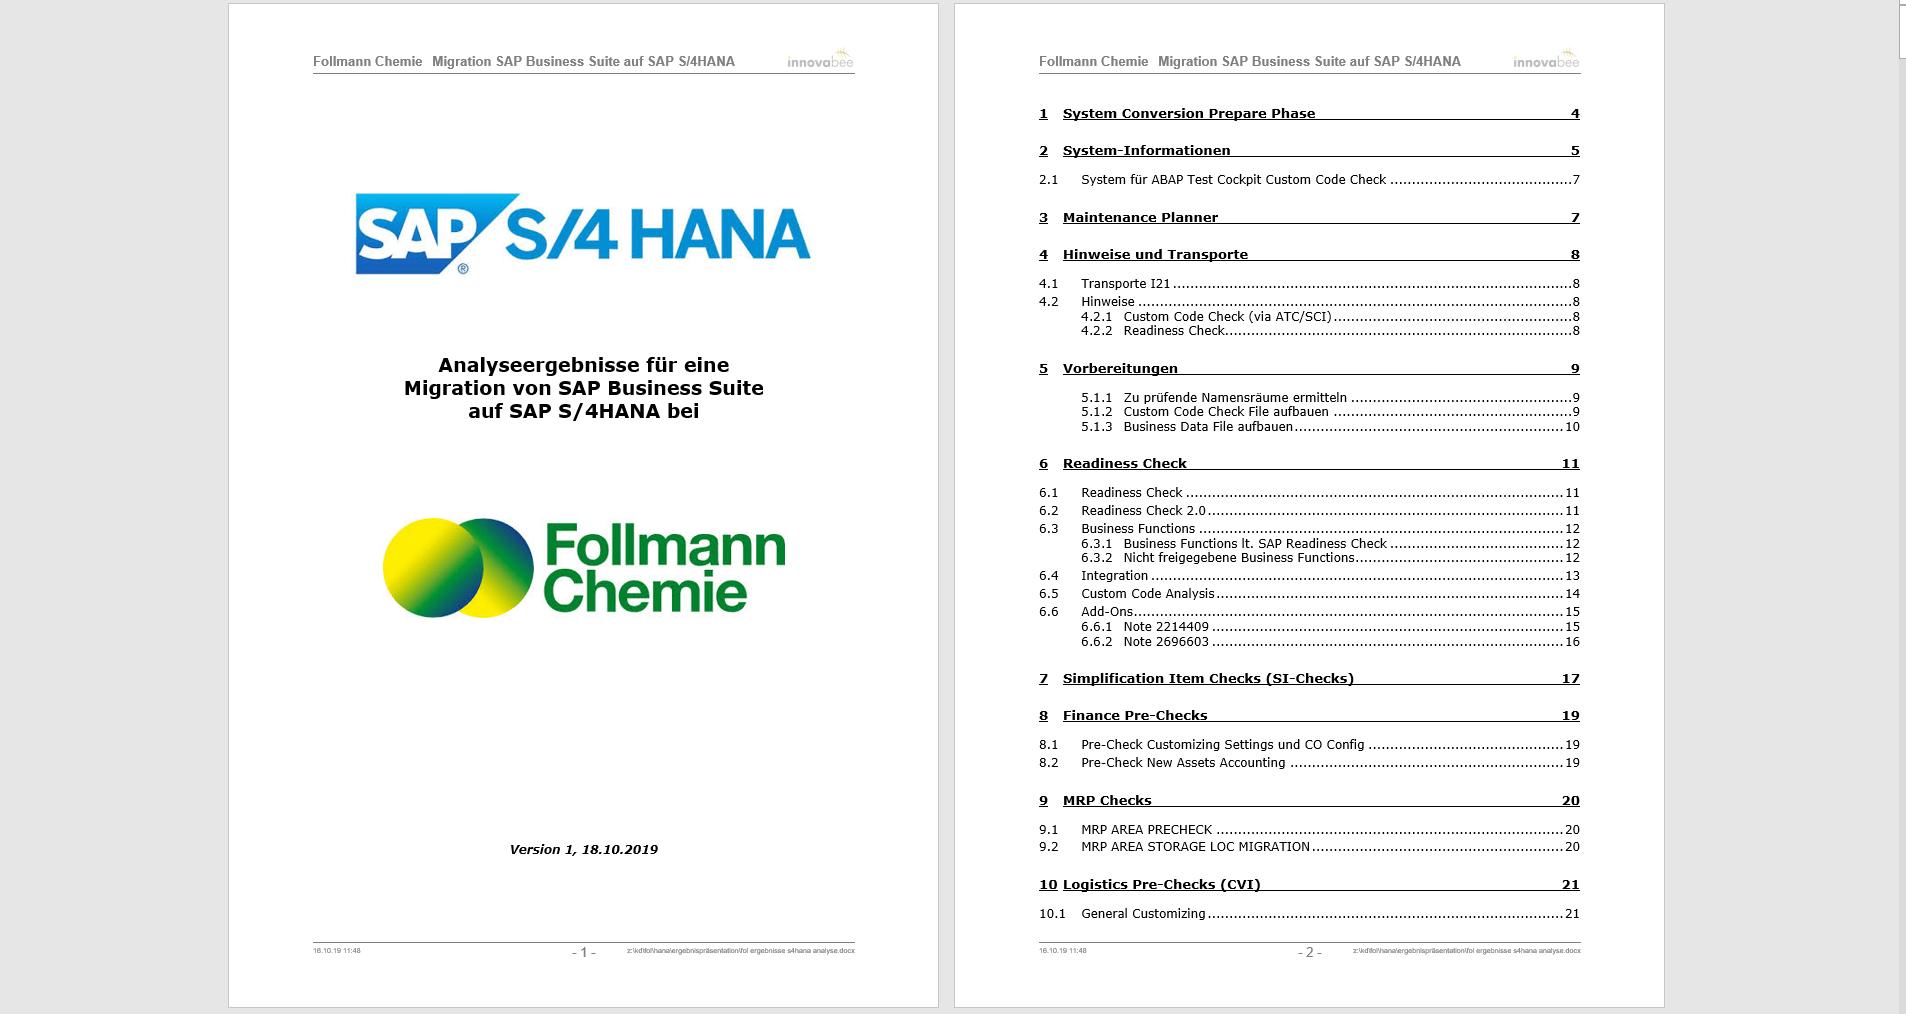 News Foto Follmann Chemie Migrationsanalyse - Migration auf SAP S/4HANA: Bei Follmann und Innovabee stimmt die Chemie